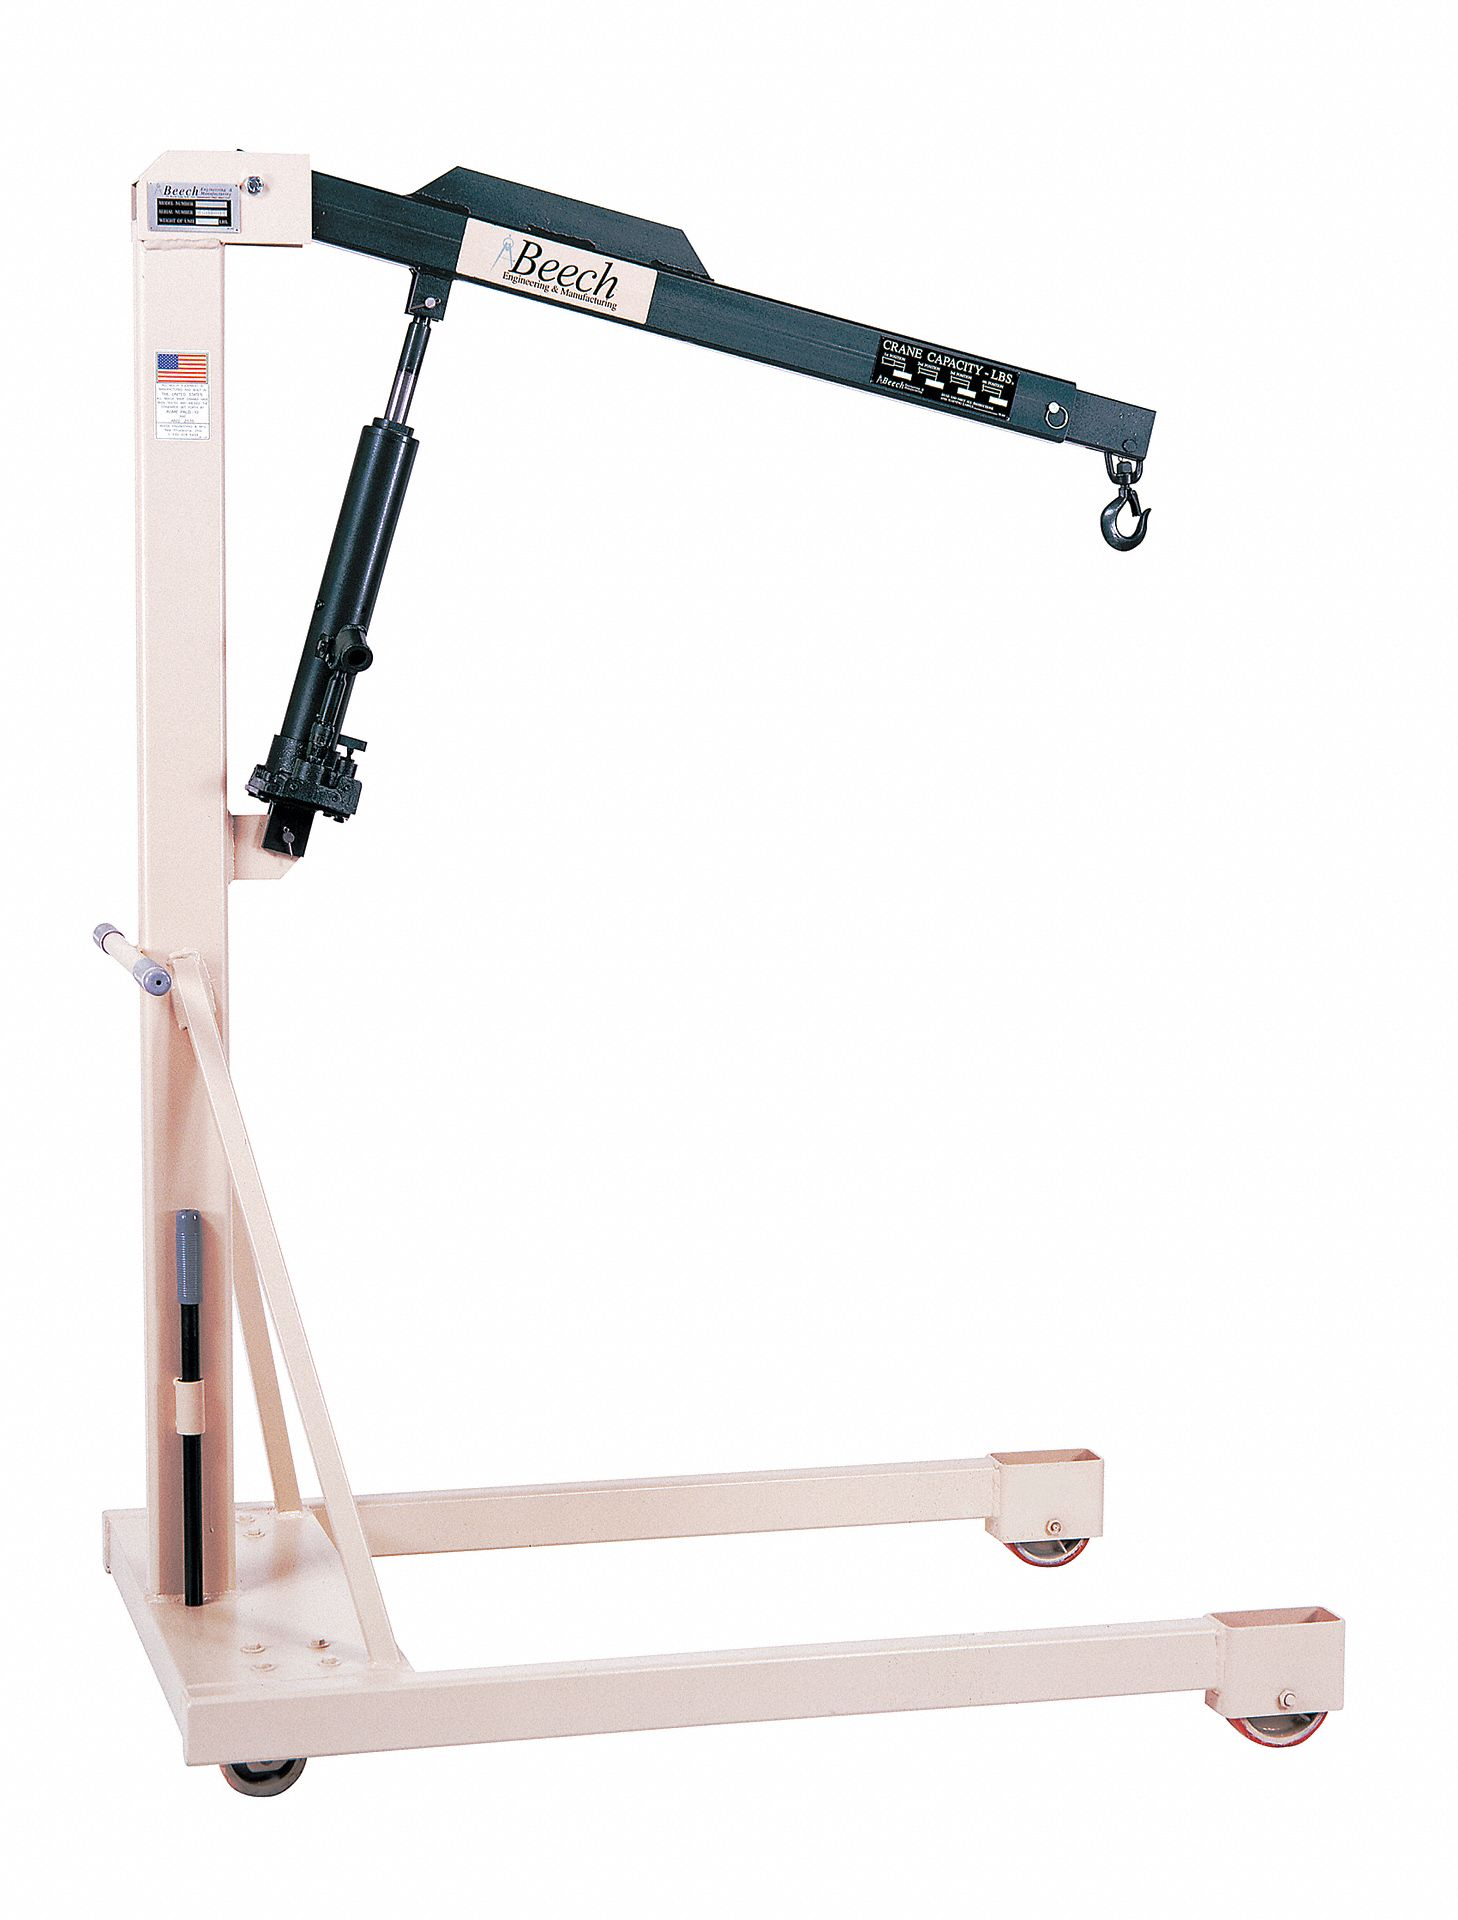 Jib crane grainger : Crane usa